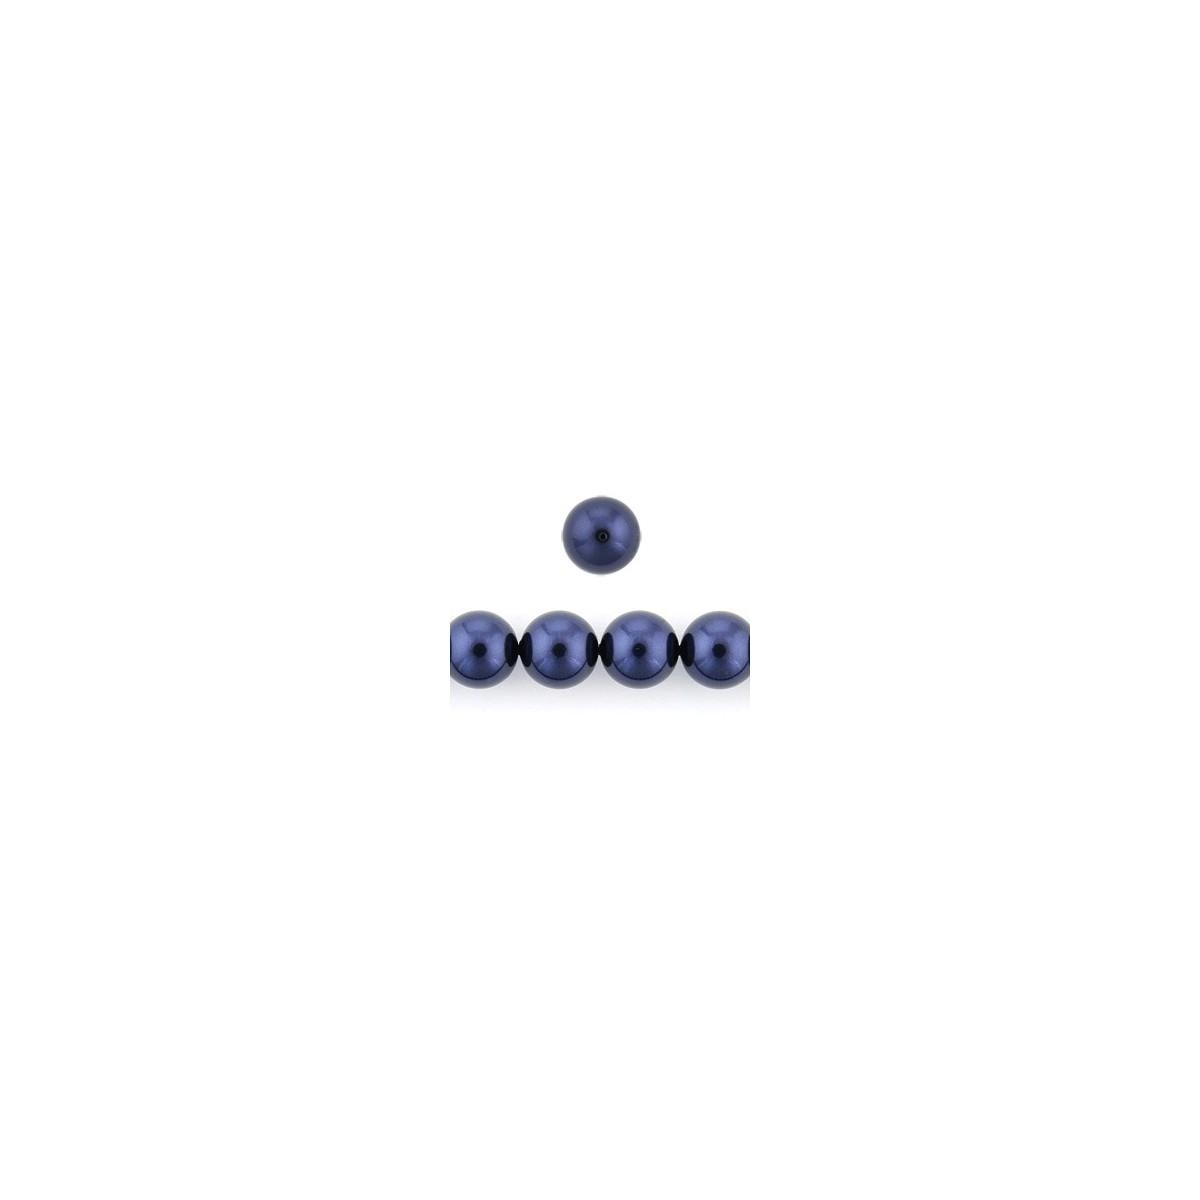 Perla 5810 Swarovski Night Blue